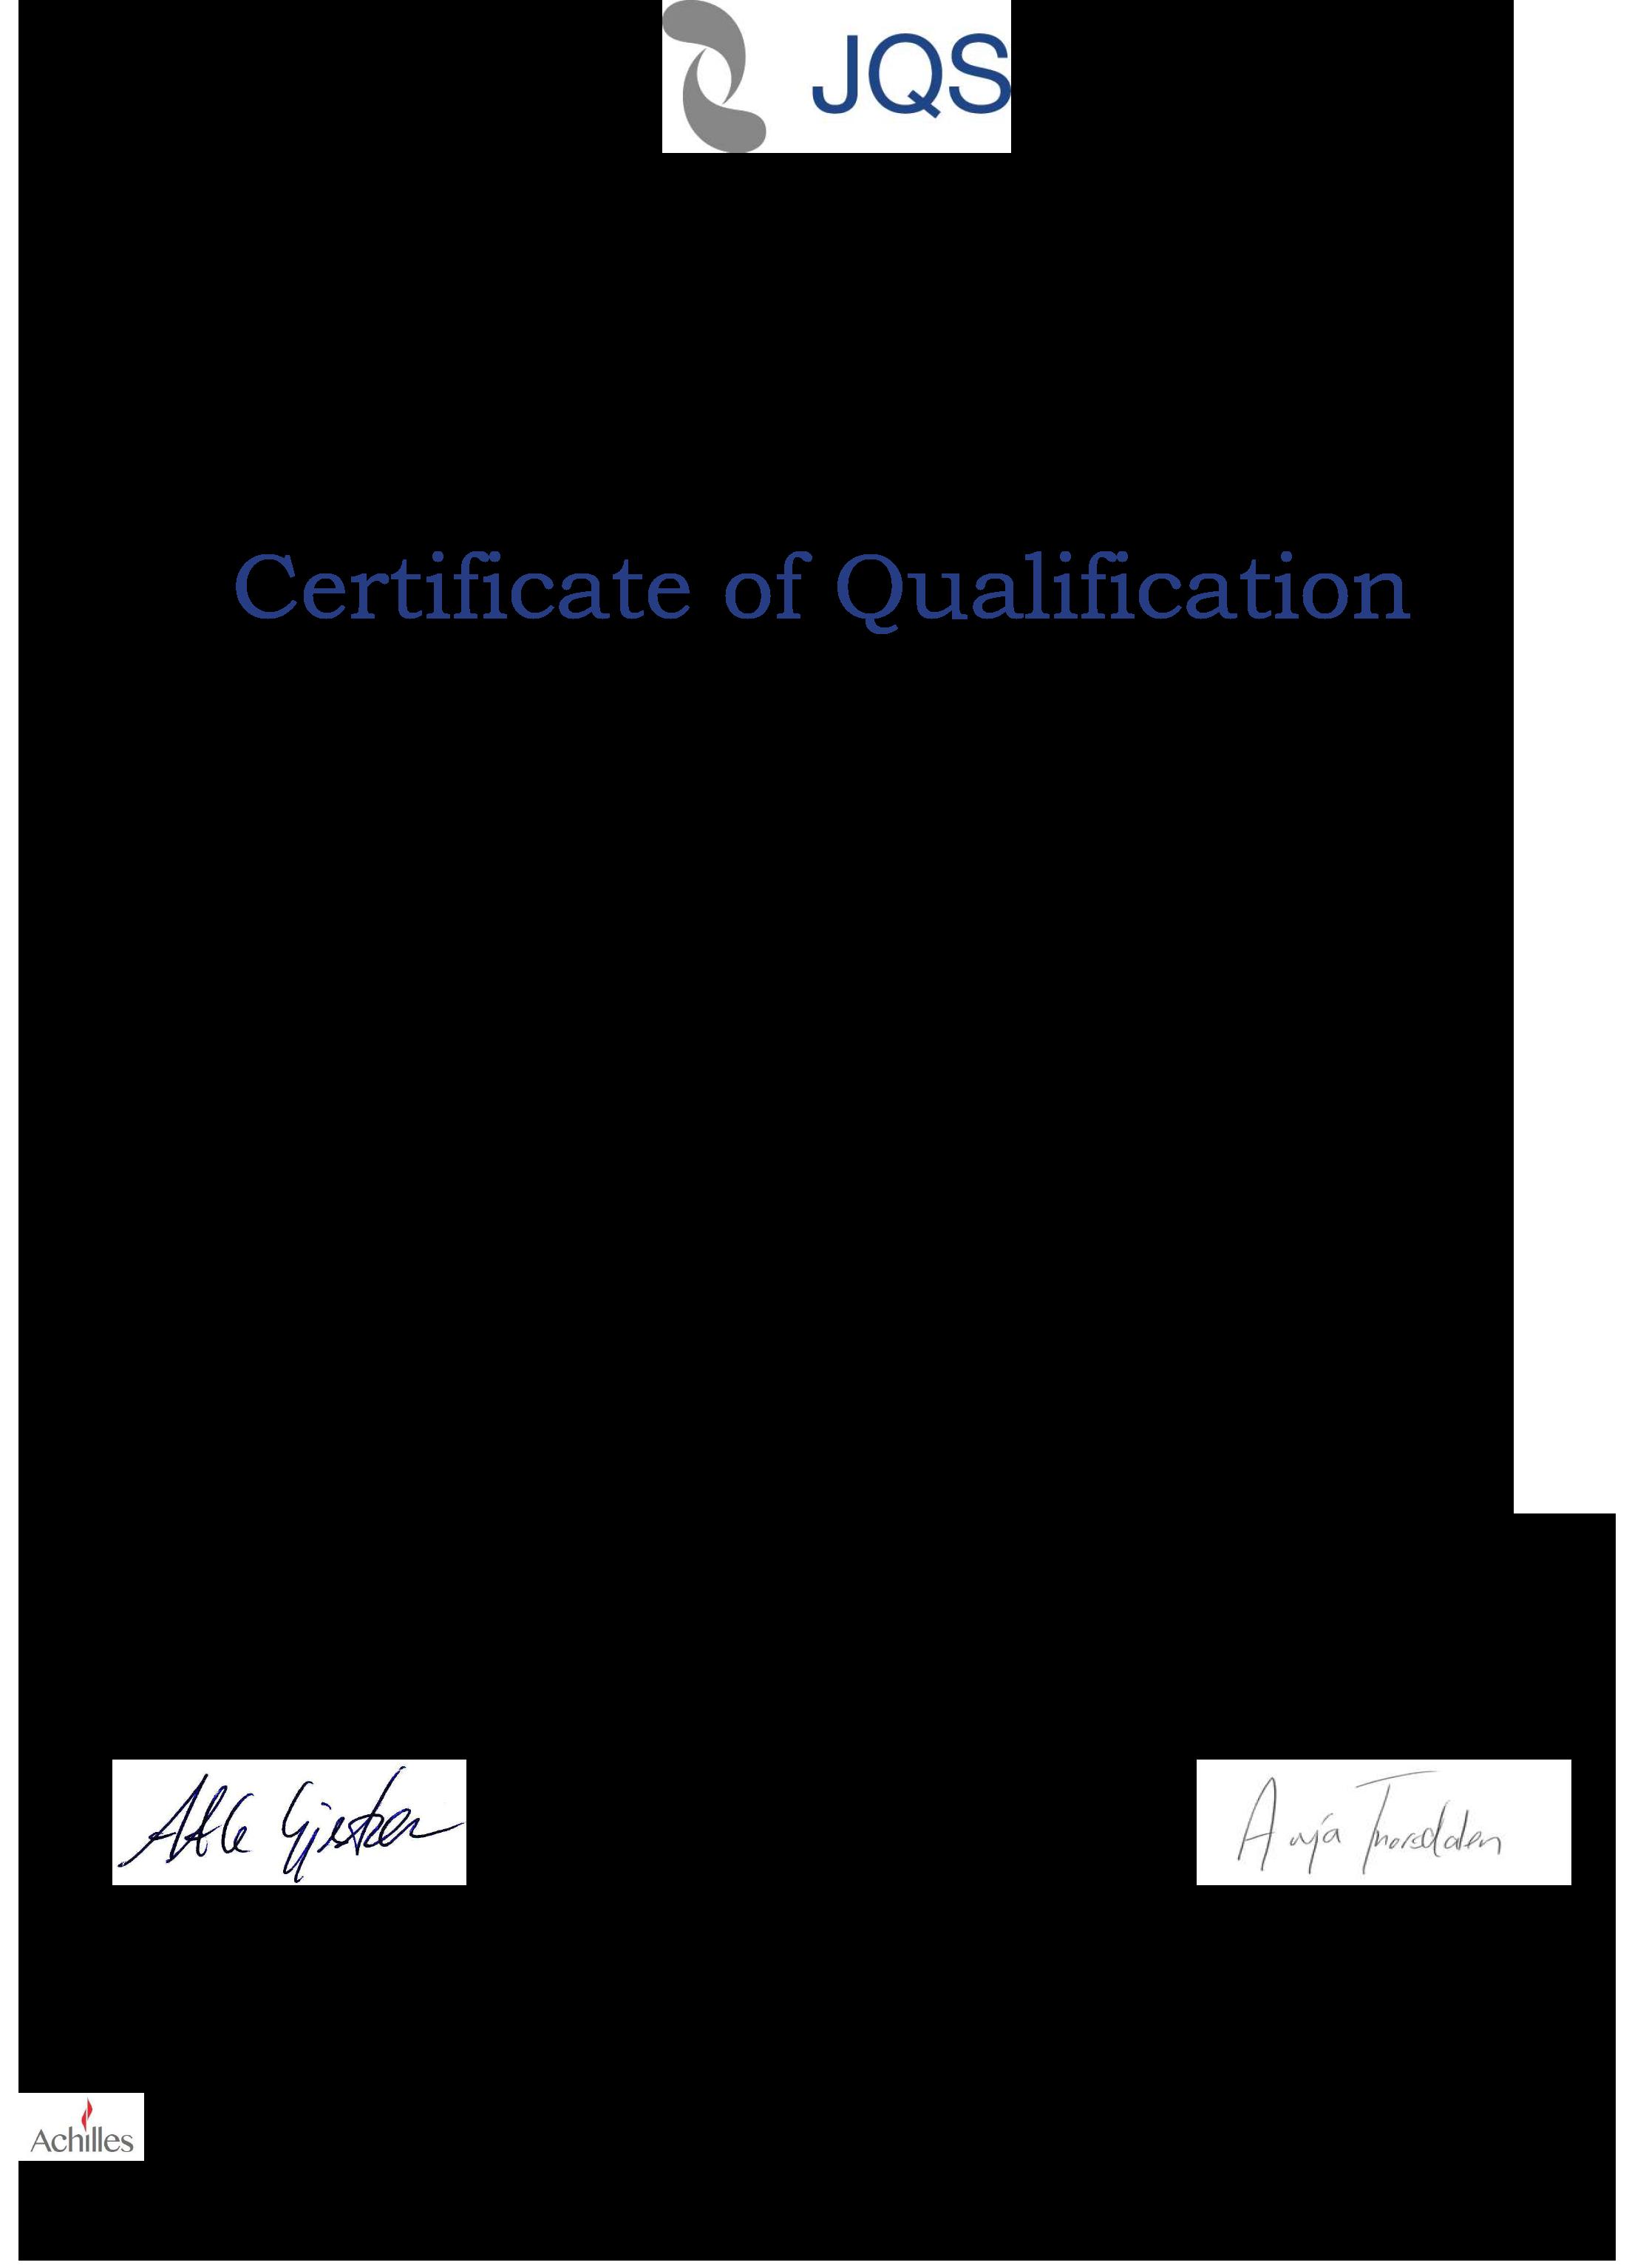 xertificate